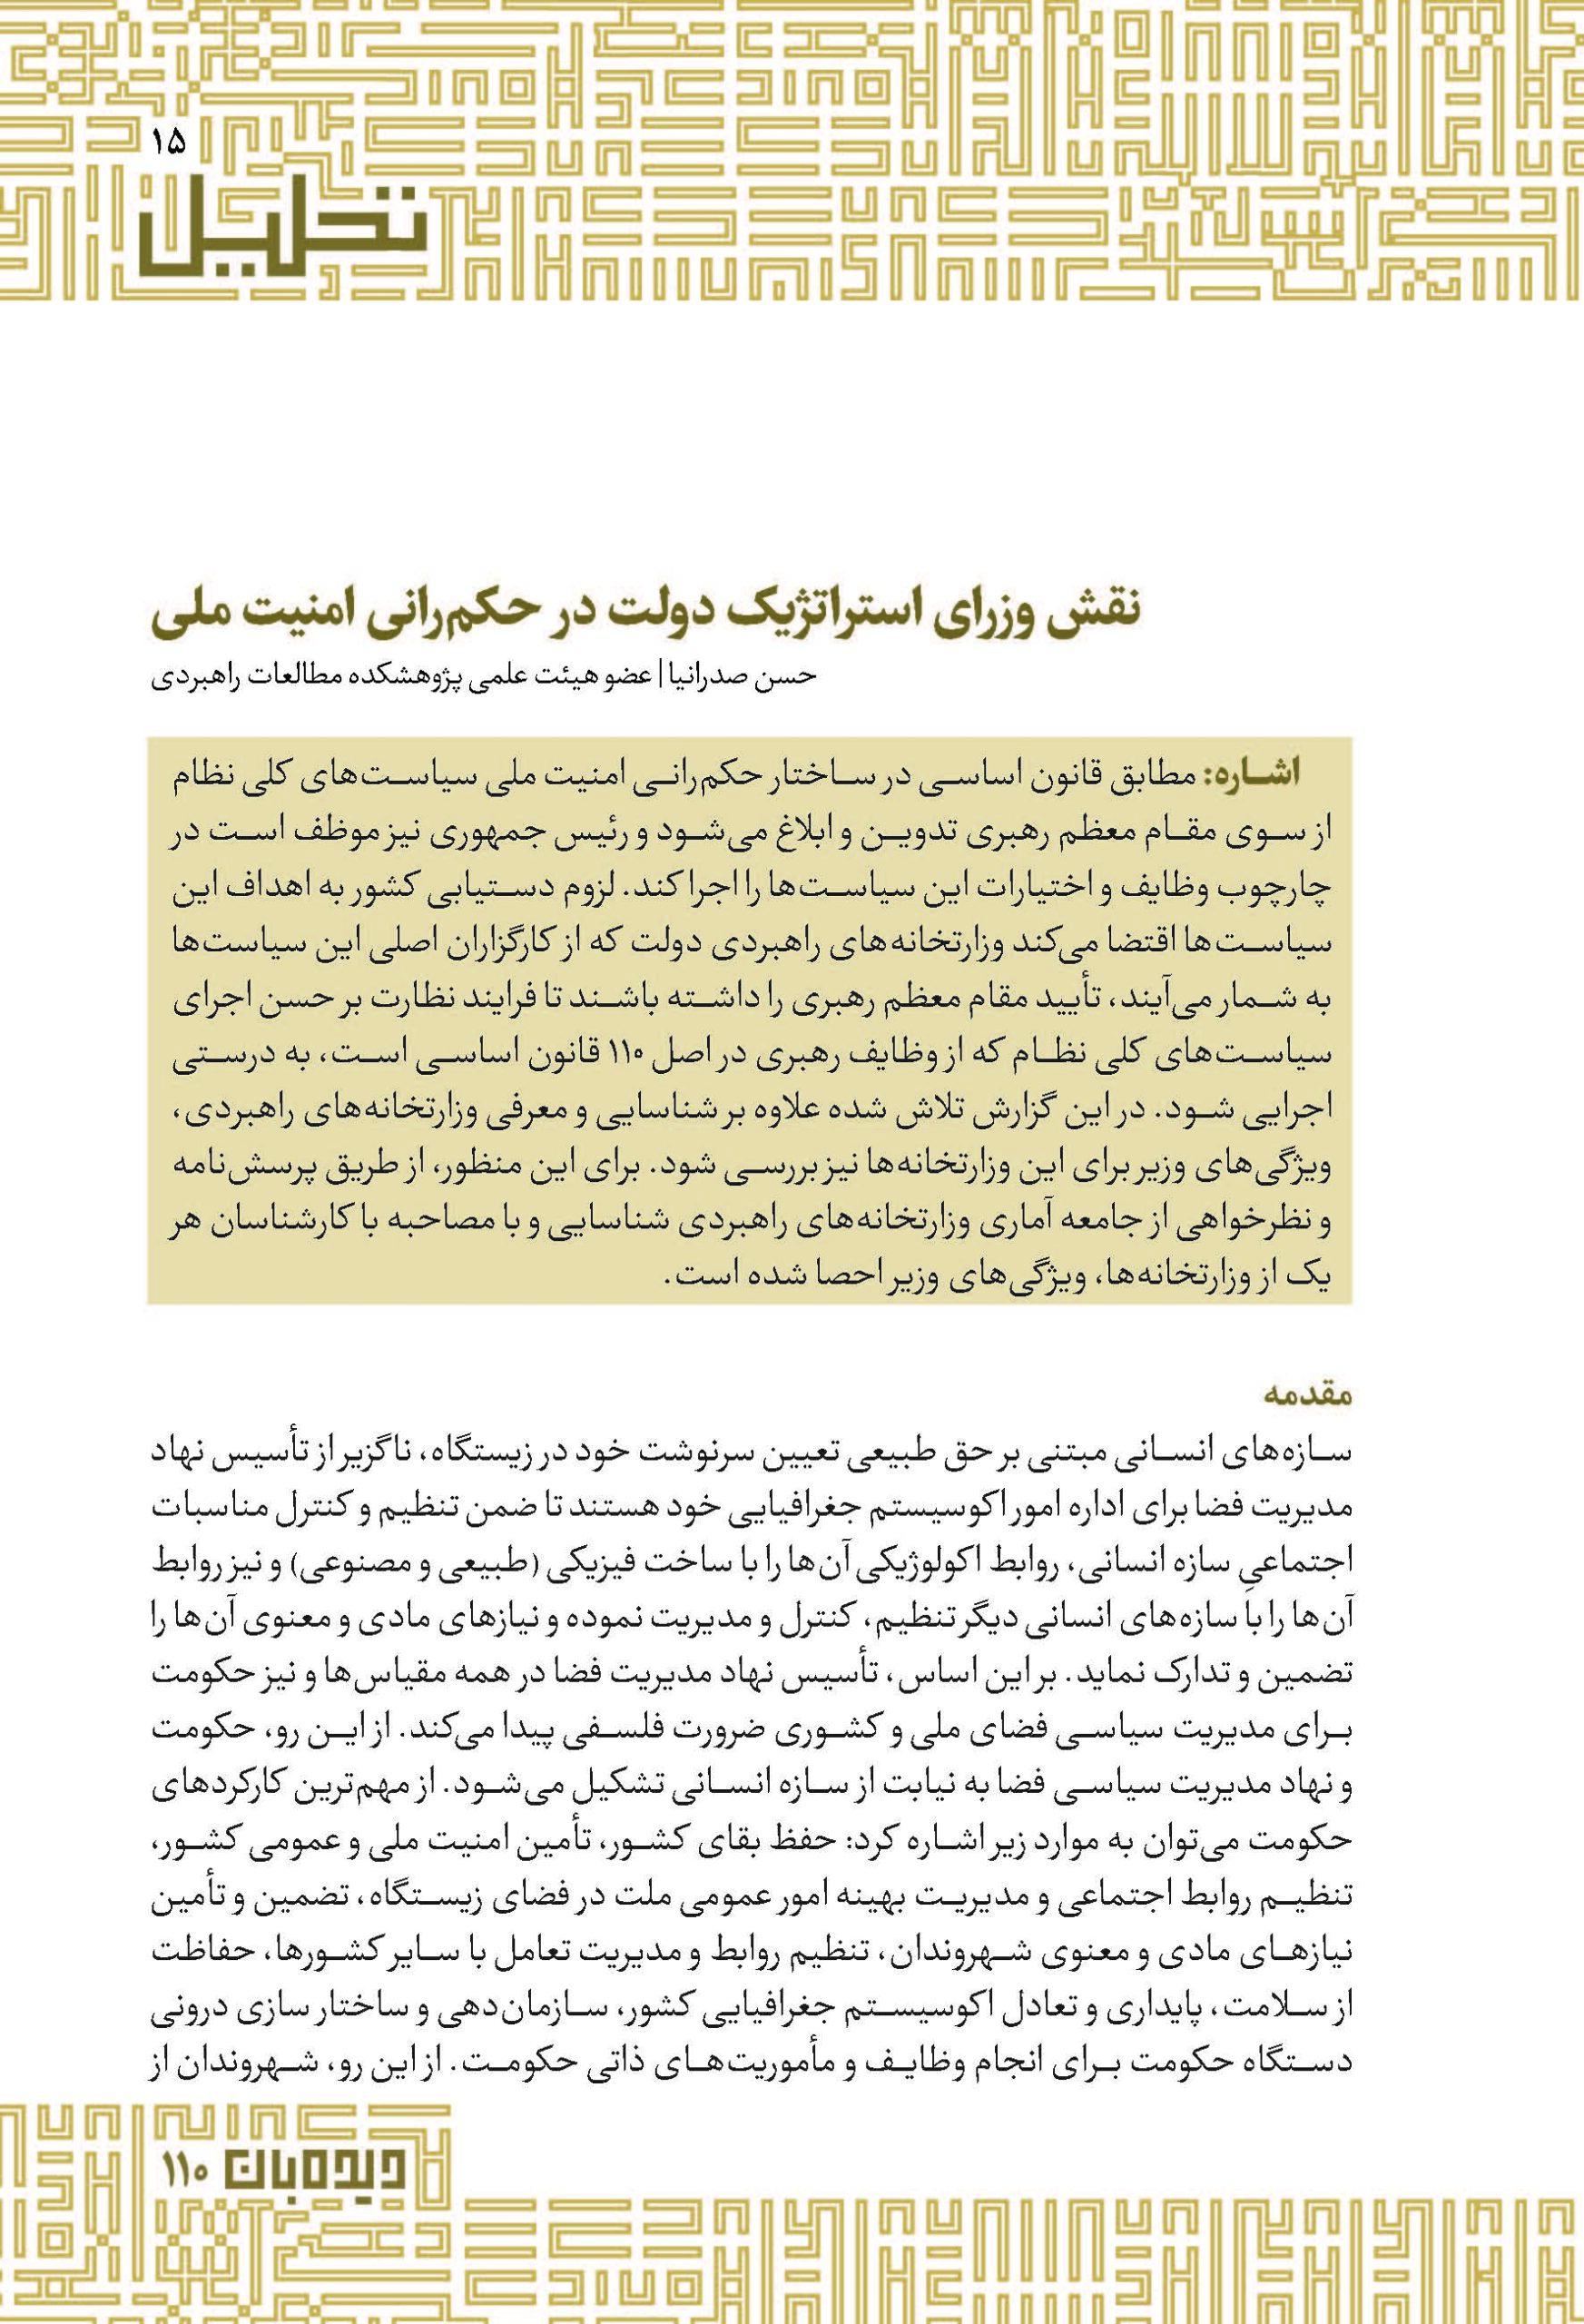 نقش وزرای استراتژیک دولت در حکمرانی امنیت ملی